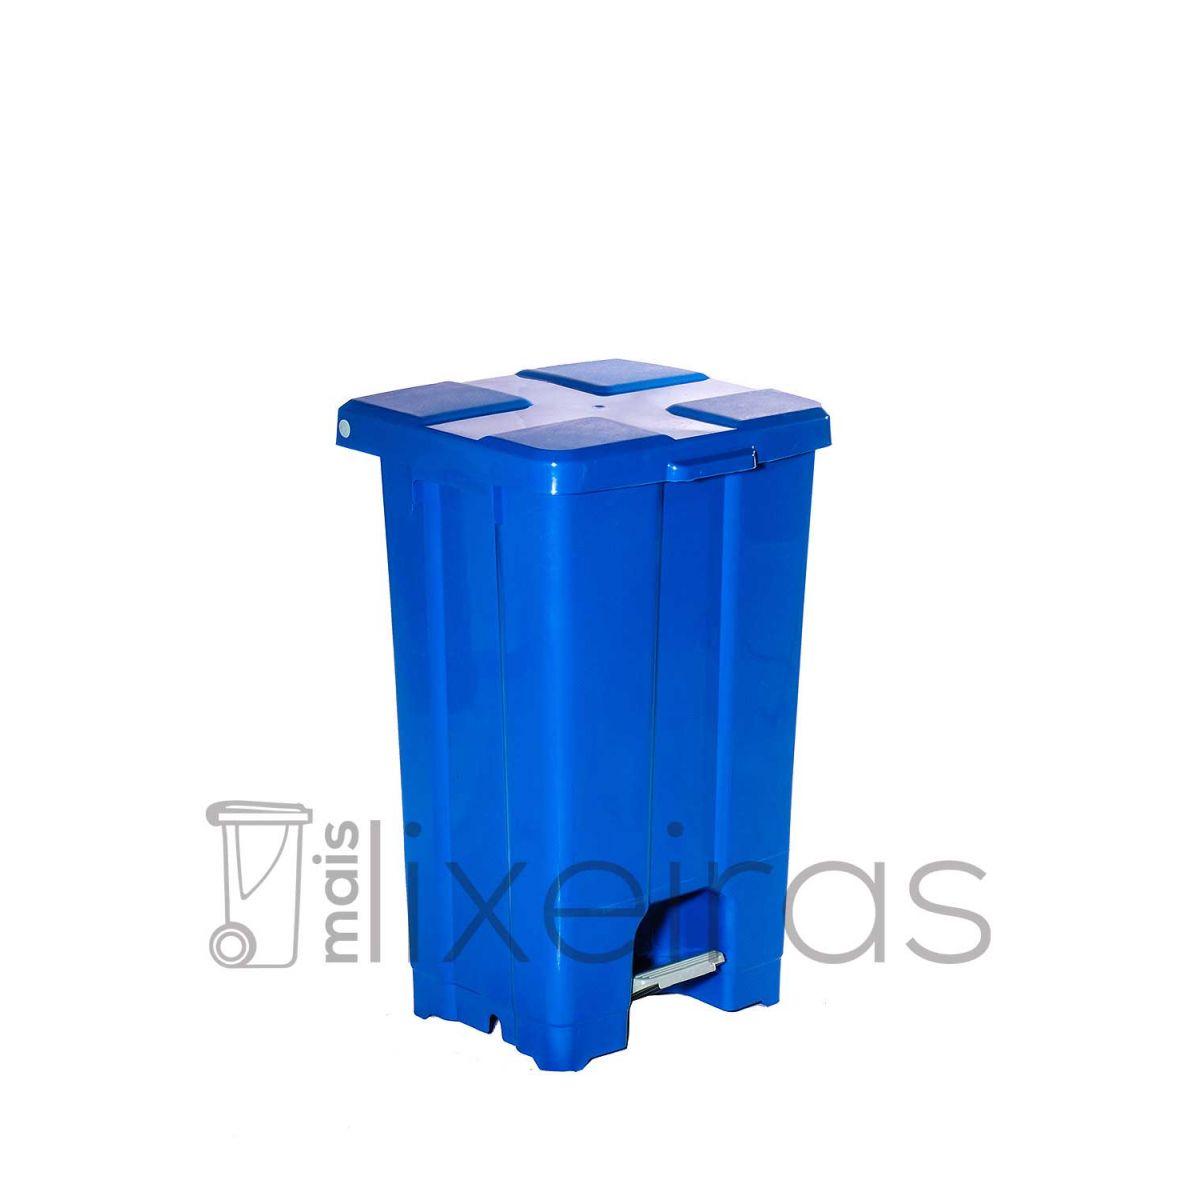 Lixeira plástica grande com tampa e pedal - 60 litros